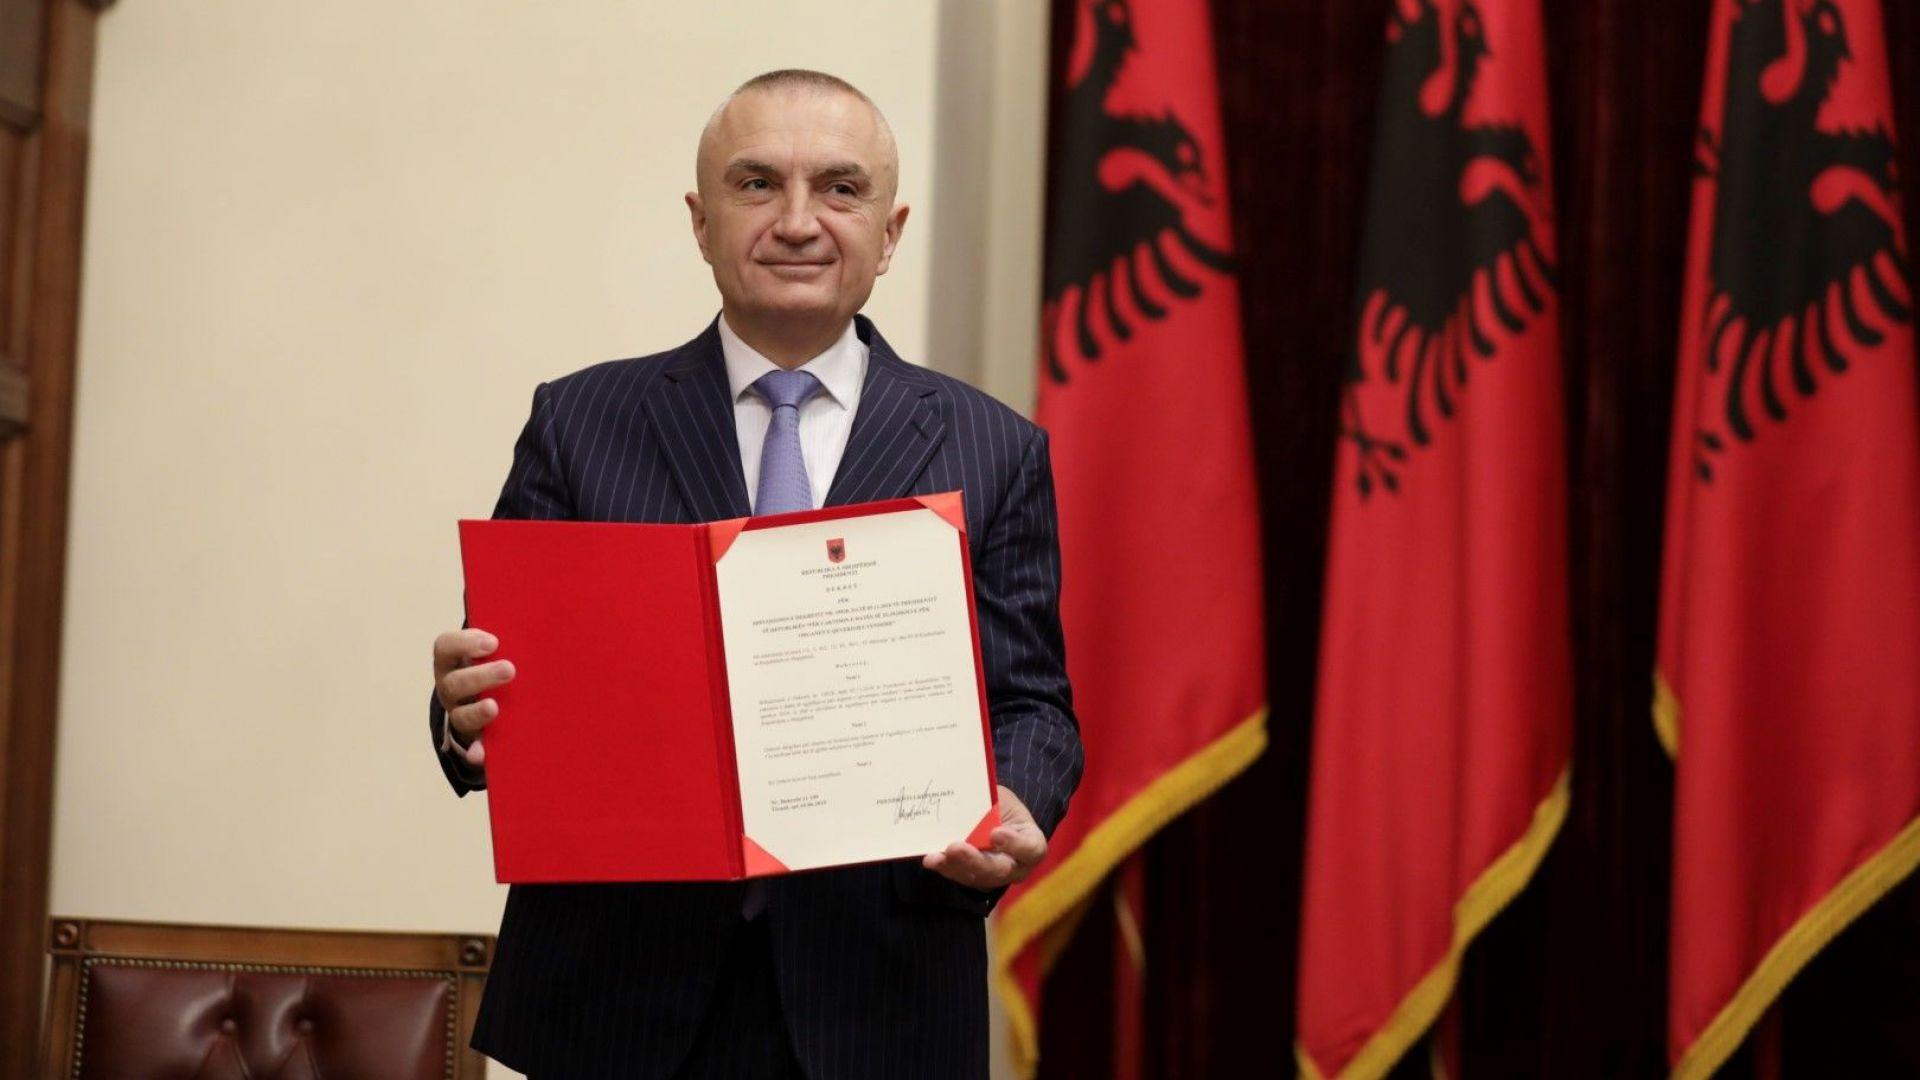 Илир Мета, президент на Албания